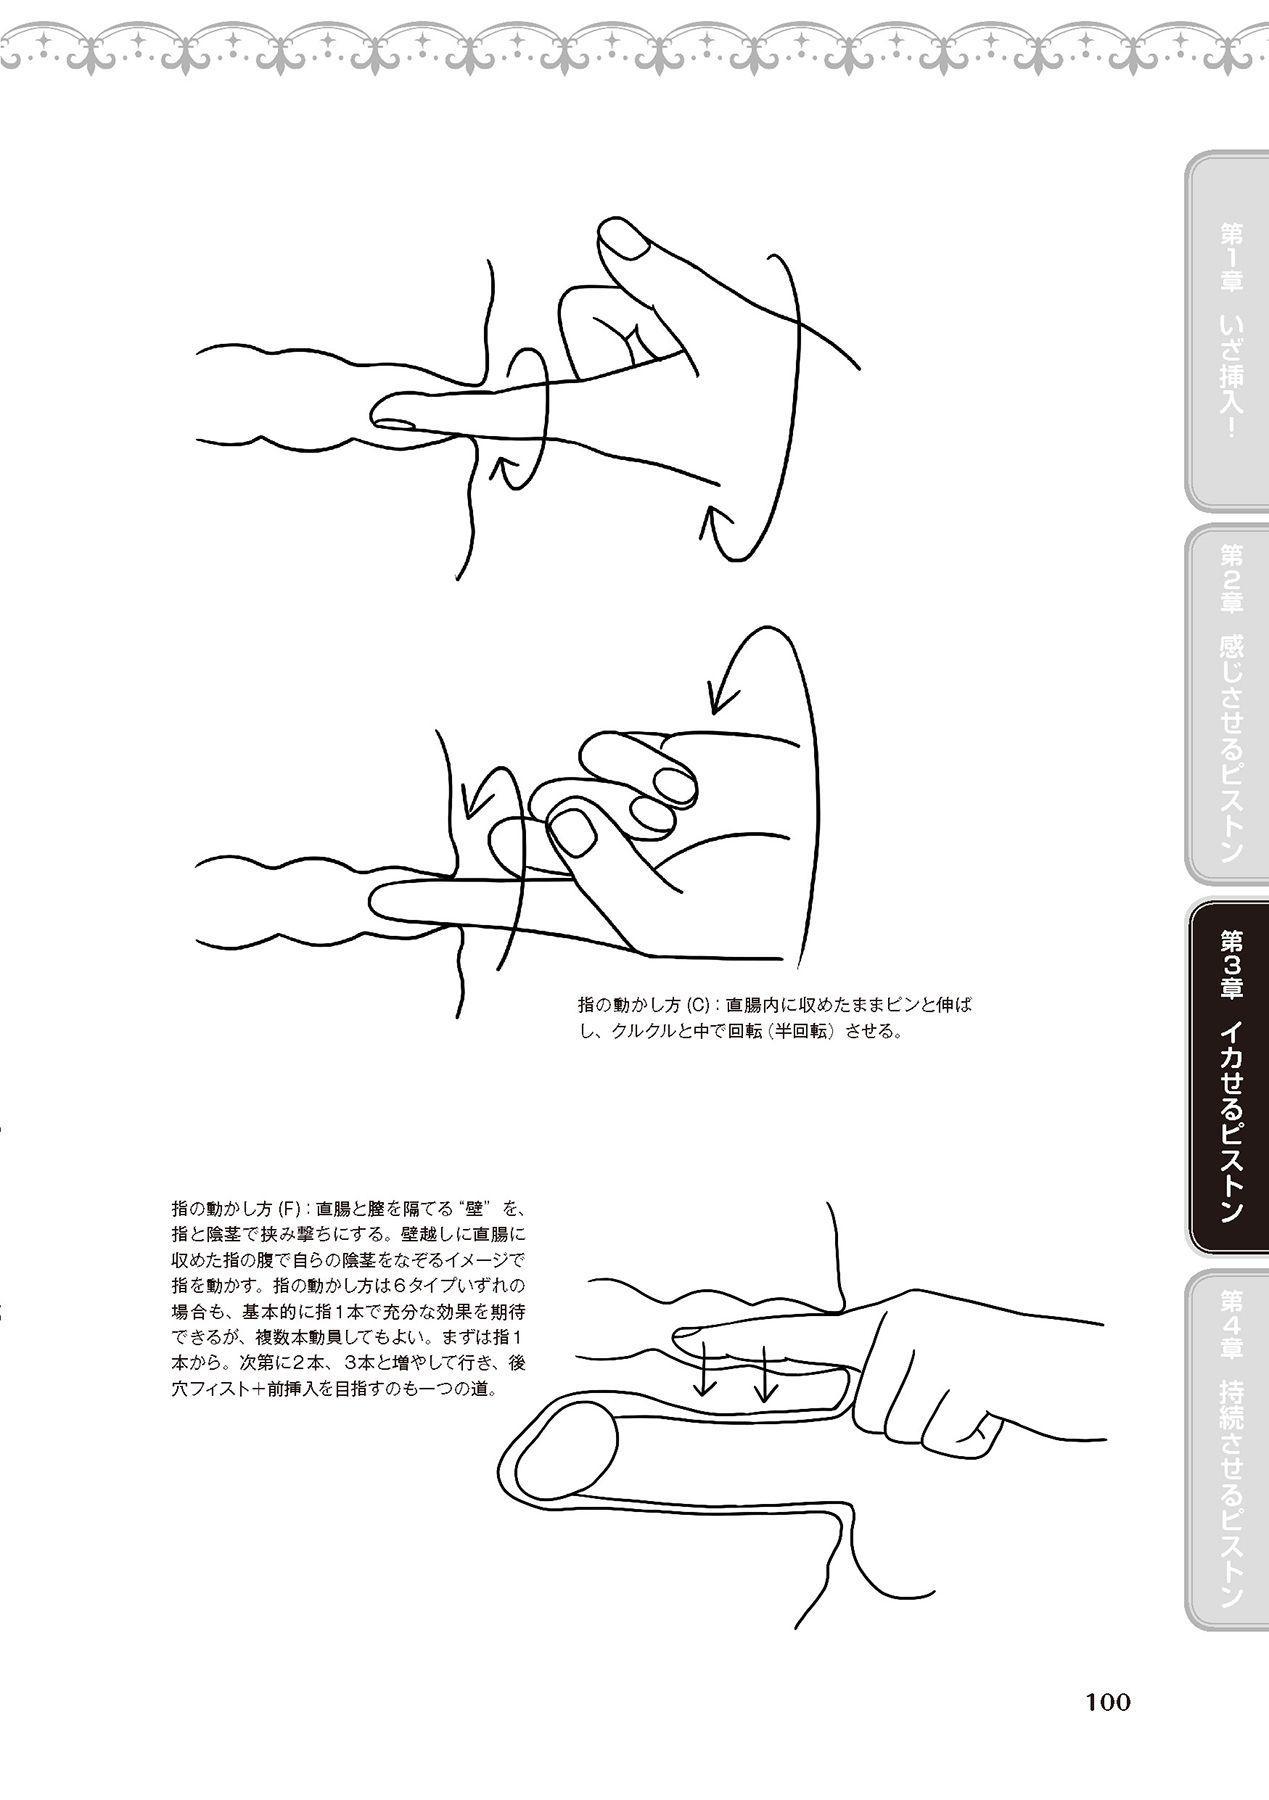 膣挿入&ピストン運動完全マニュアル イラスト版……ピスとんッ! 101